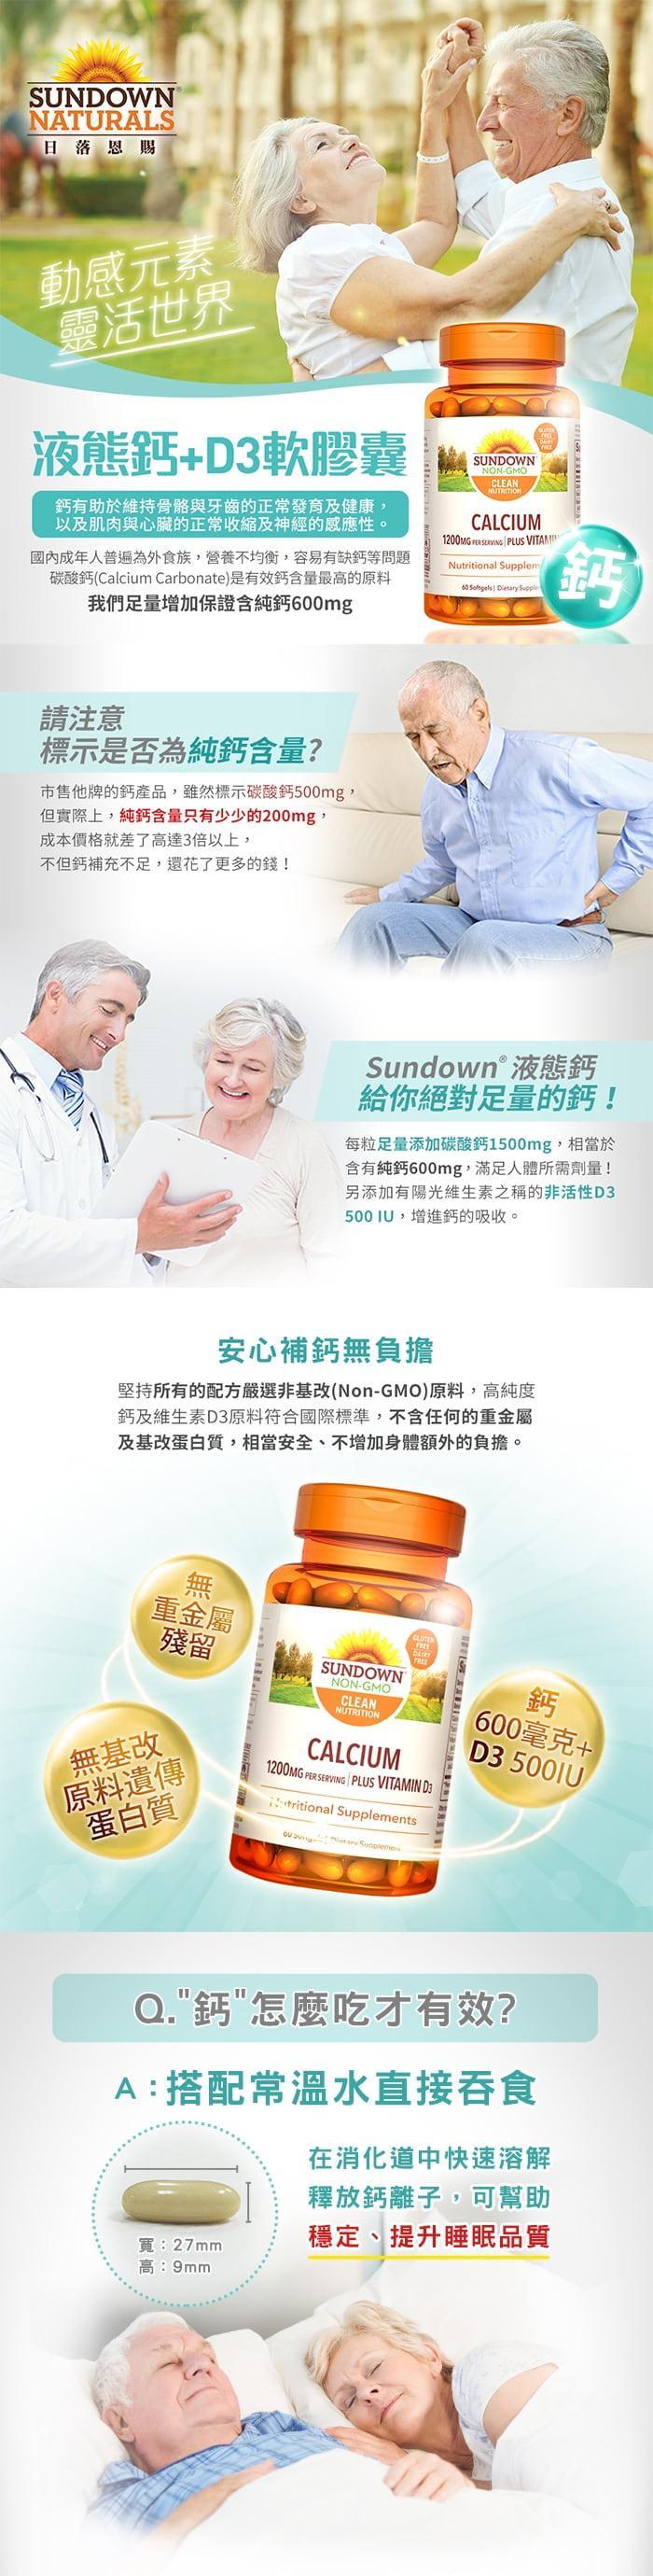 Sundown日落恩賜-液態鈣+D3軟膠囊(60粒X2瓶)(共120天份)產品資訊